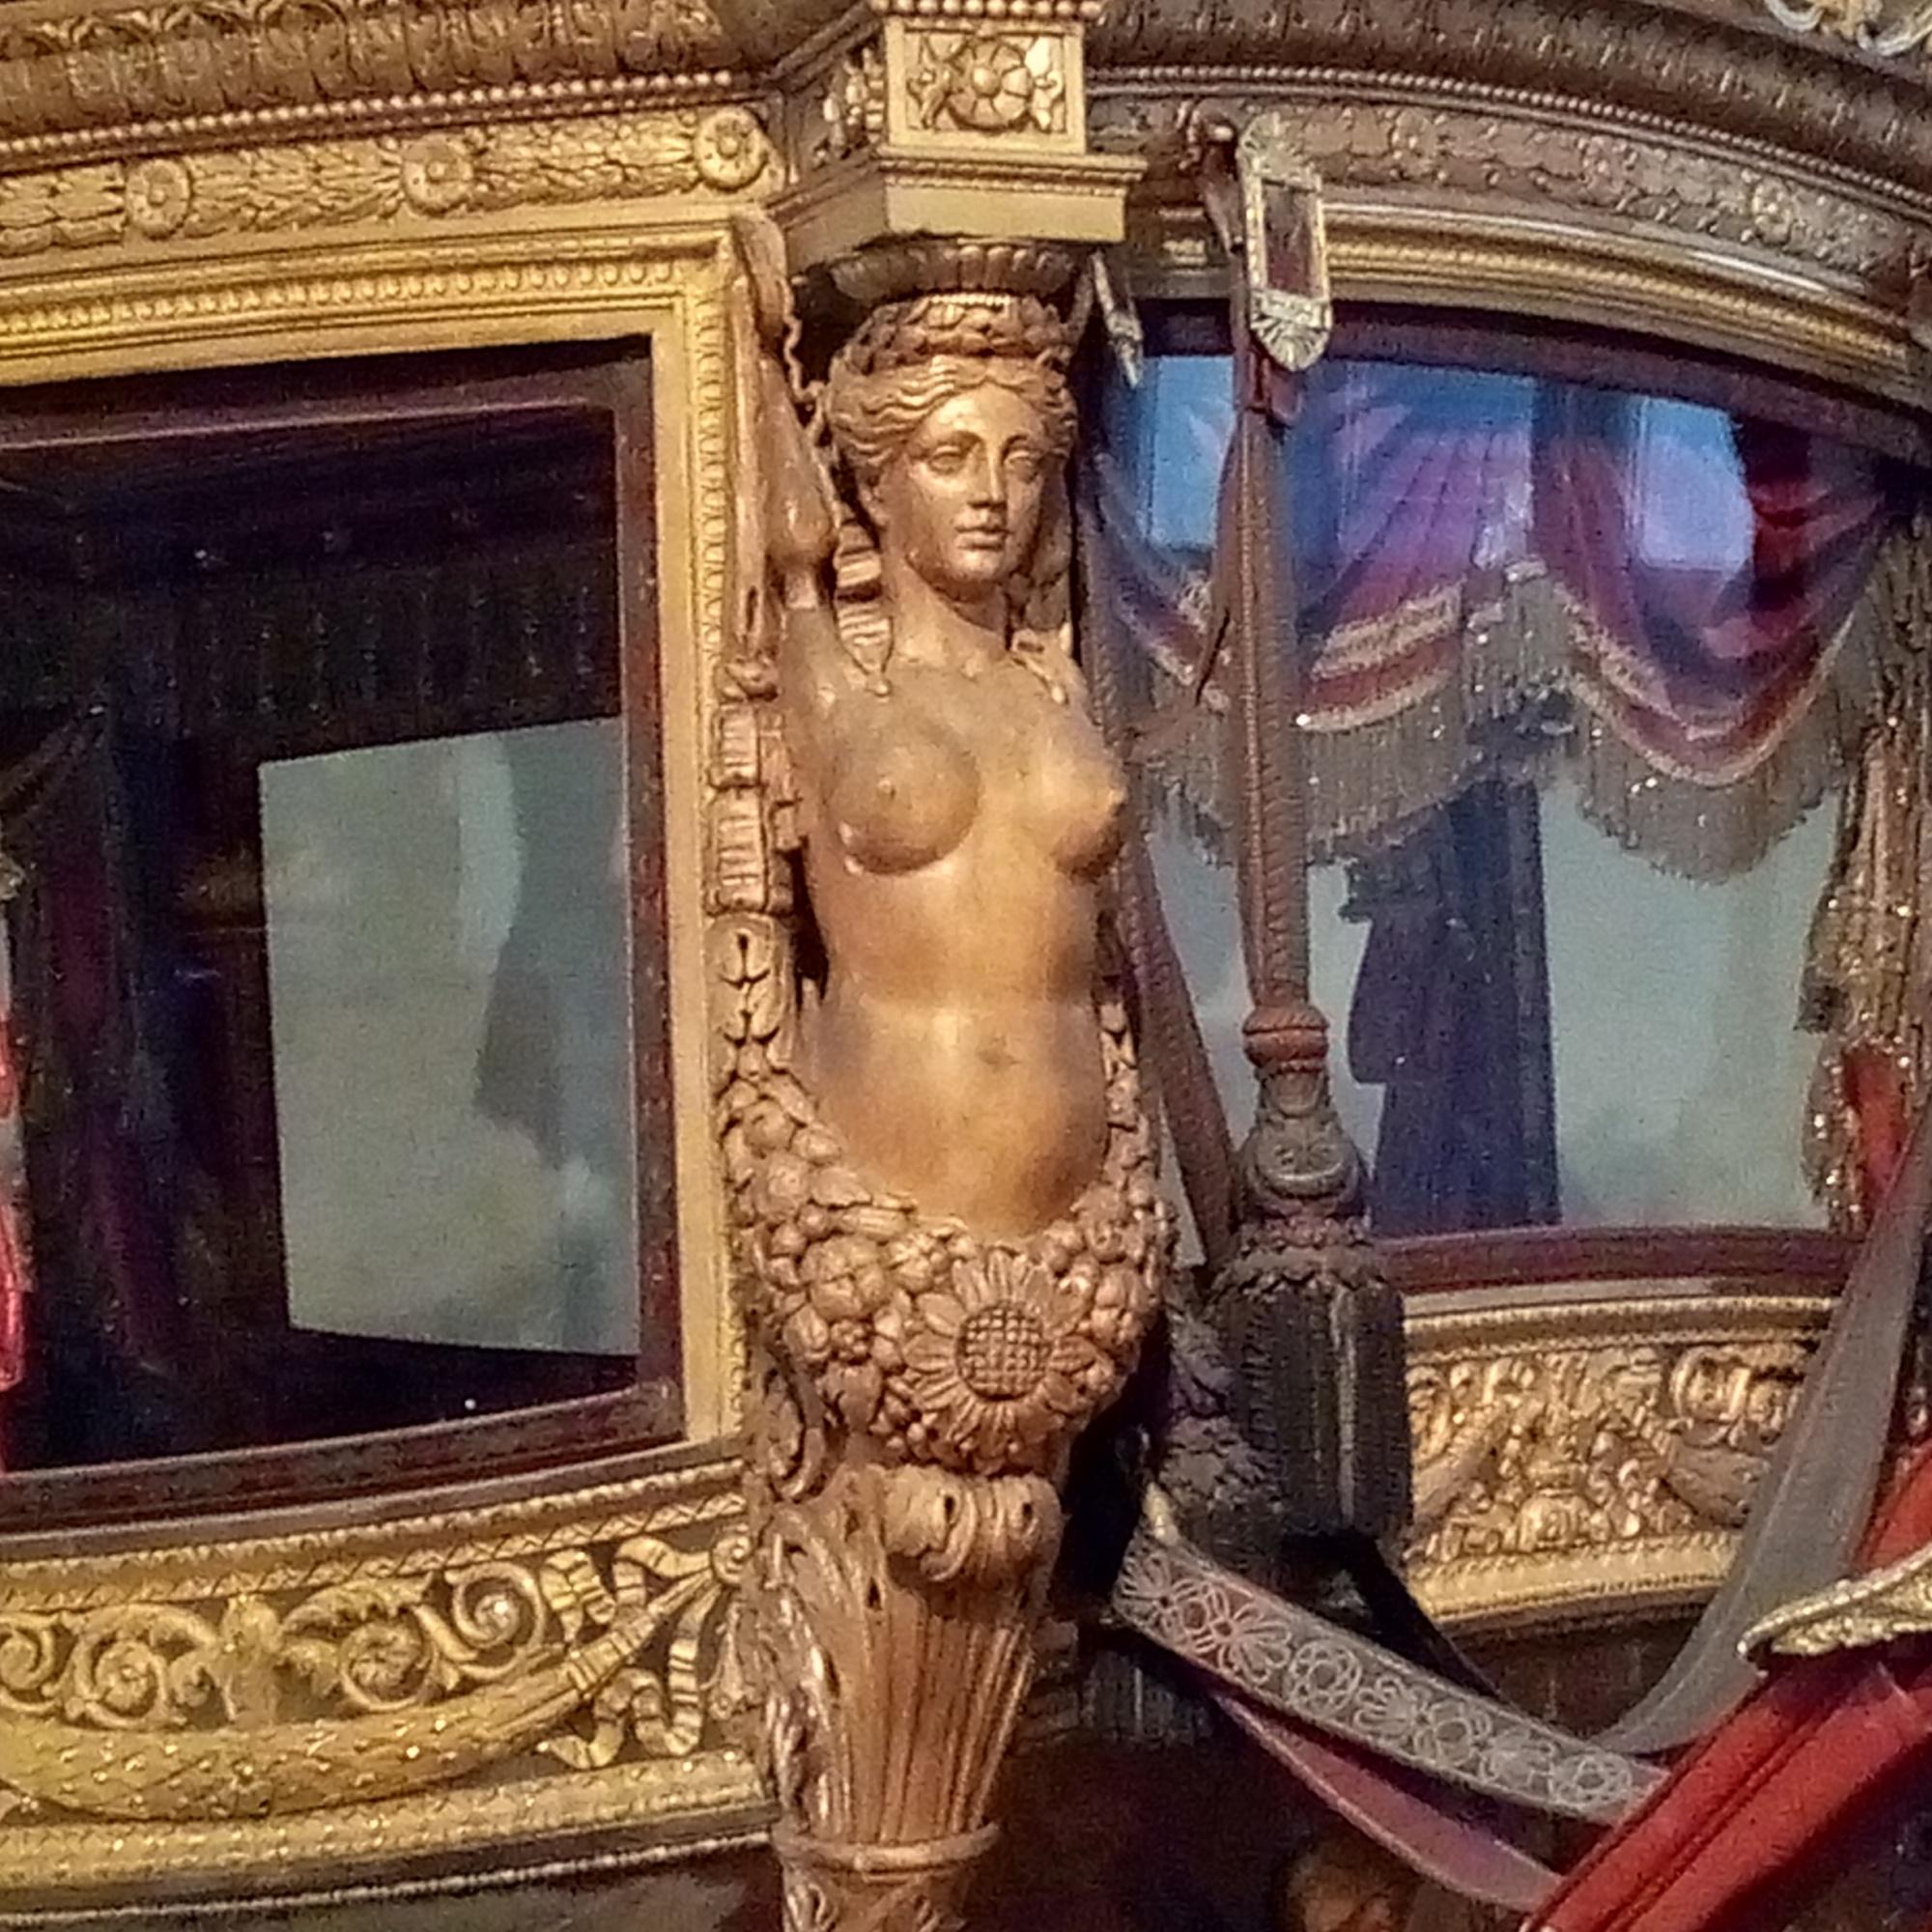 Galerie des Carrosses du château de Versailles, sacre de Charles X